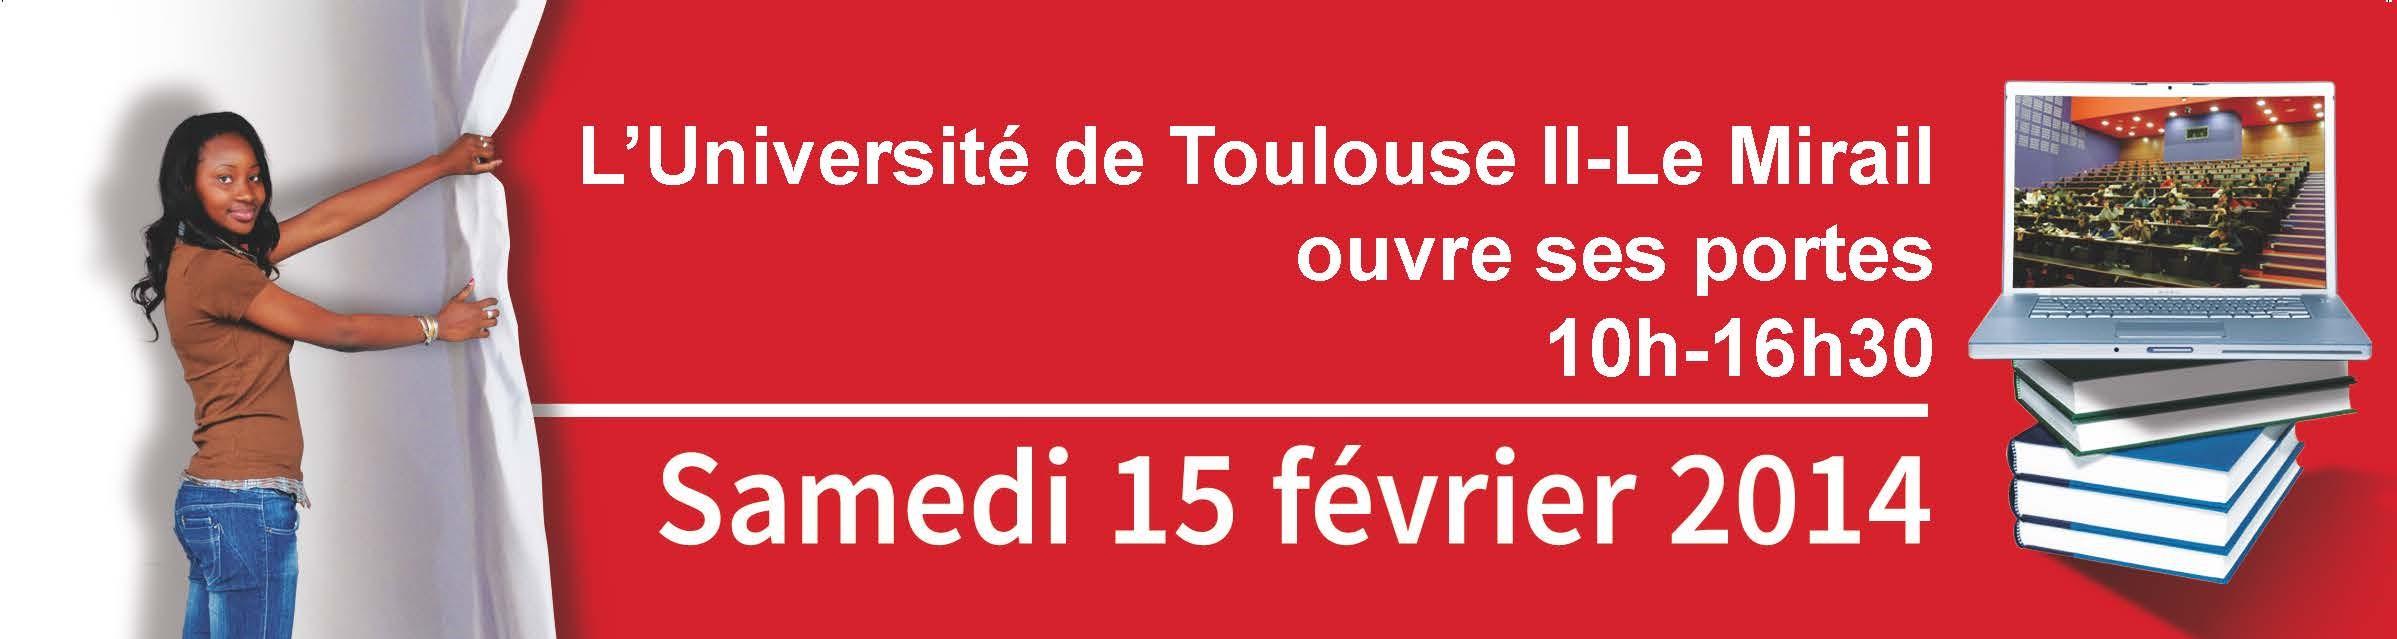 Portes Ouvertes à l'Université de Toulouse II-Le Mirail